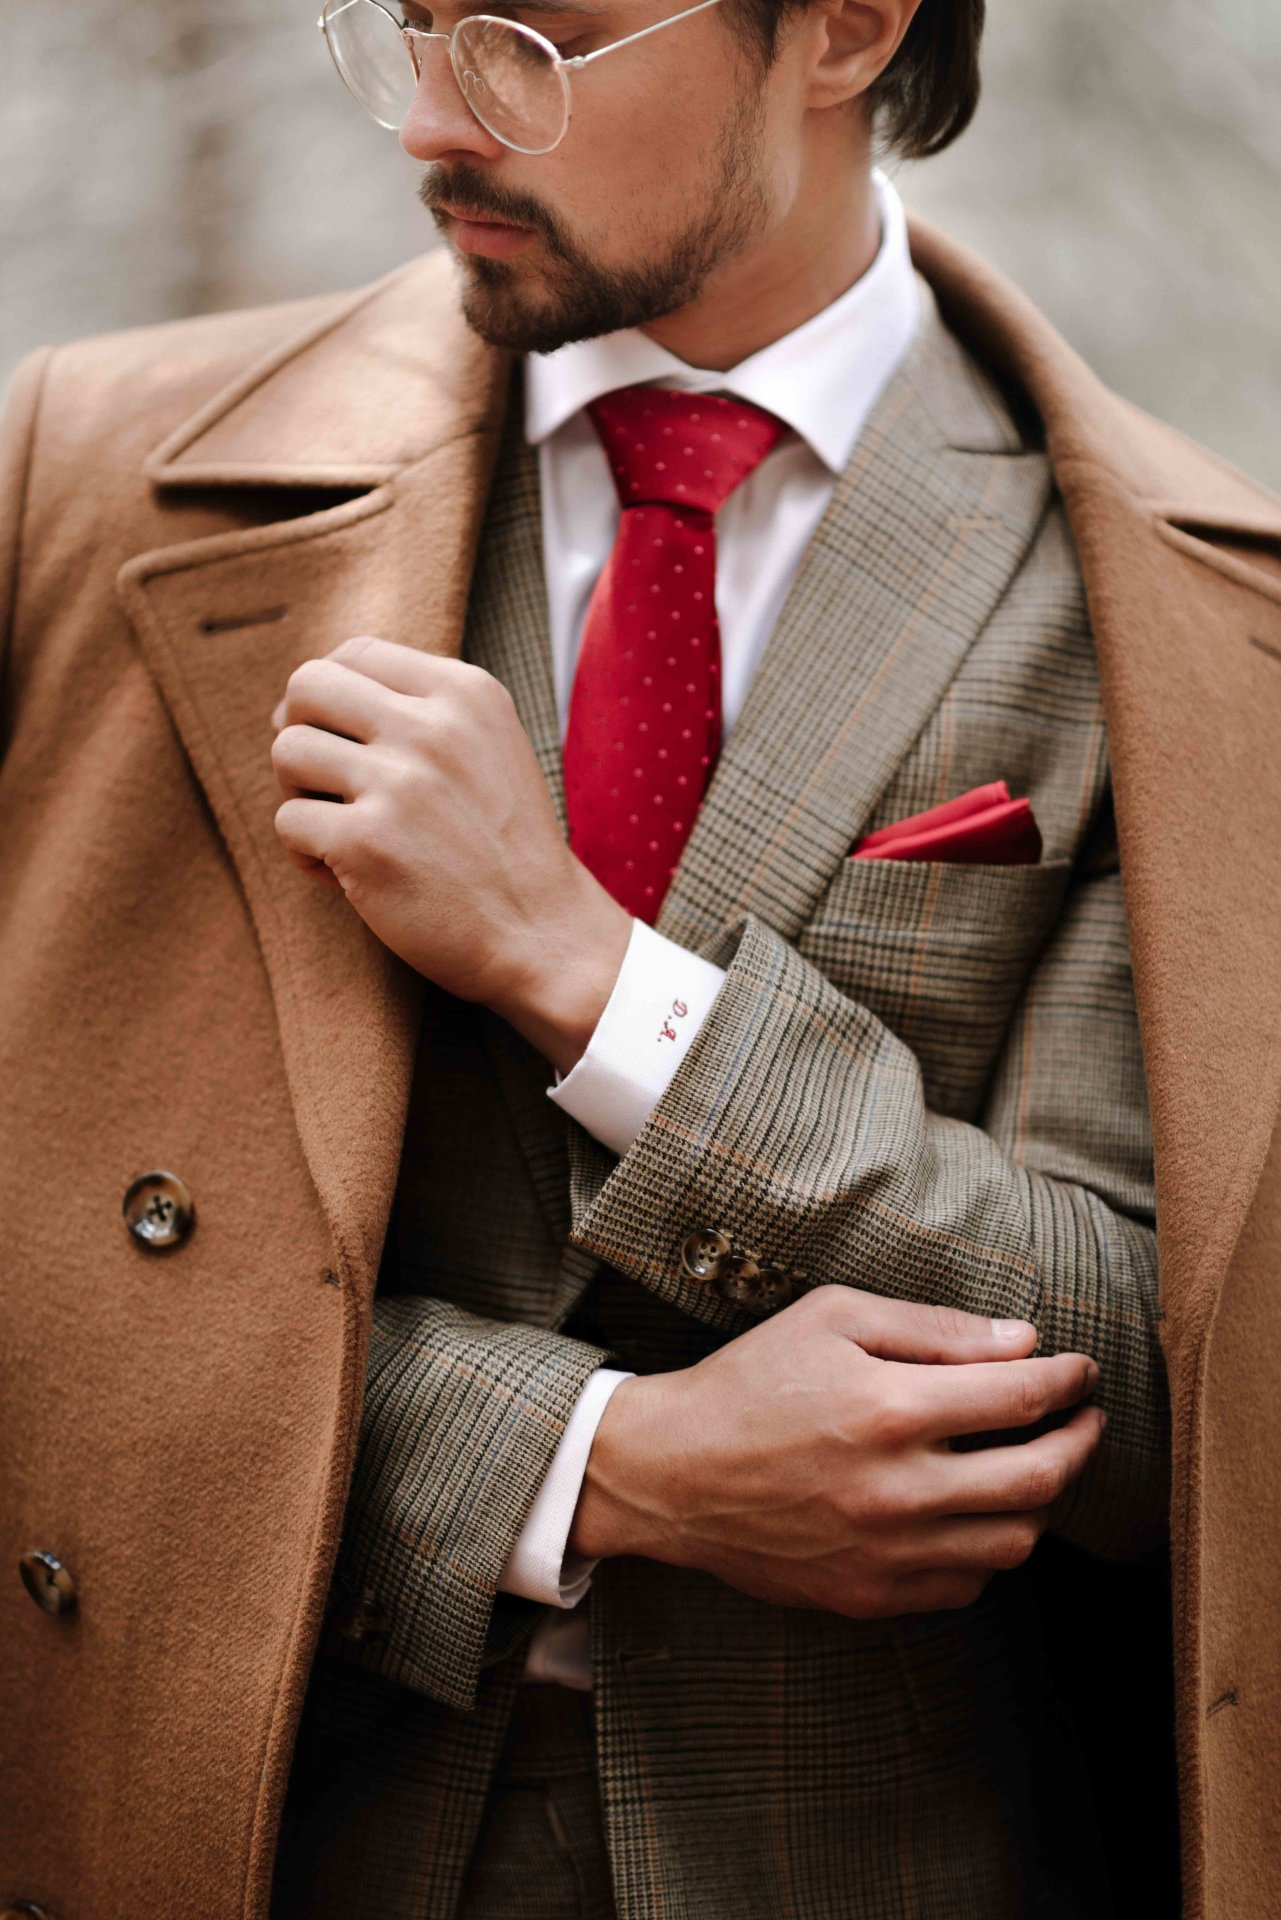 Model: Dmitry     Brand: Sereno del Sordo     Sereno del Sordo es una marca mexicana de Gilberto Brizuela, ubicada en León, Guanajuato se dedica a crear trajes exclusivos y a la medida ofreciendo elegancia y estilo. La nueva línea Ferrara, inspirada en la fuerza del viento, presenta abrigos